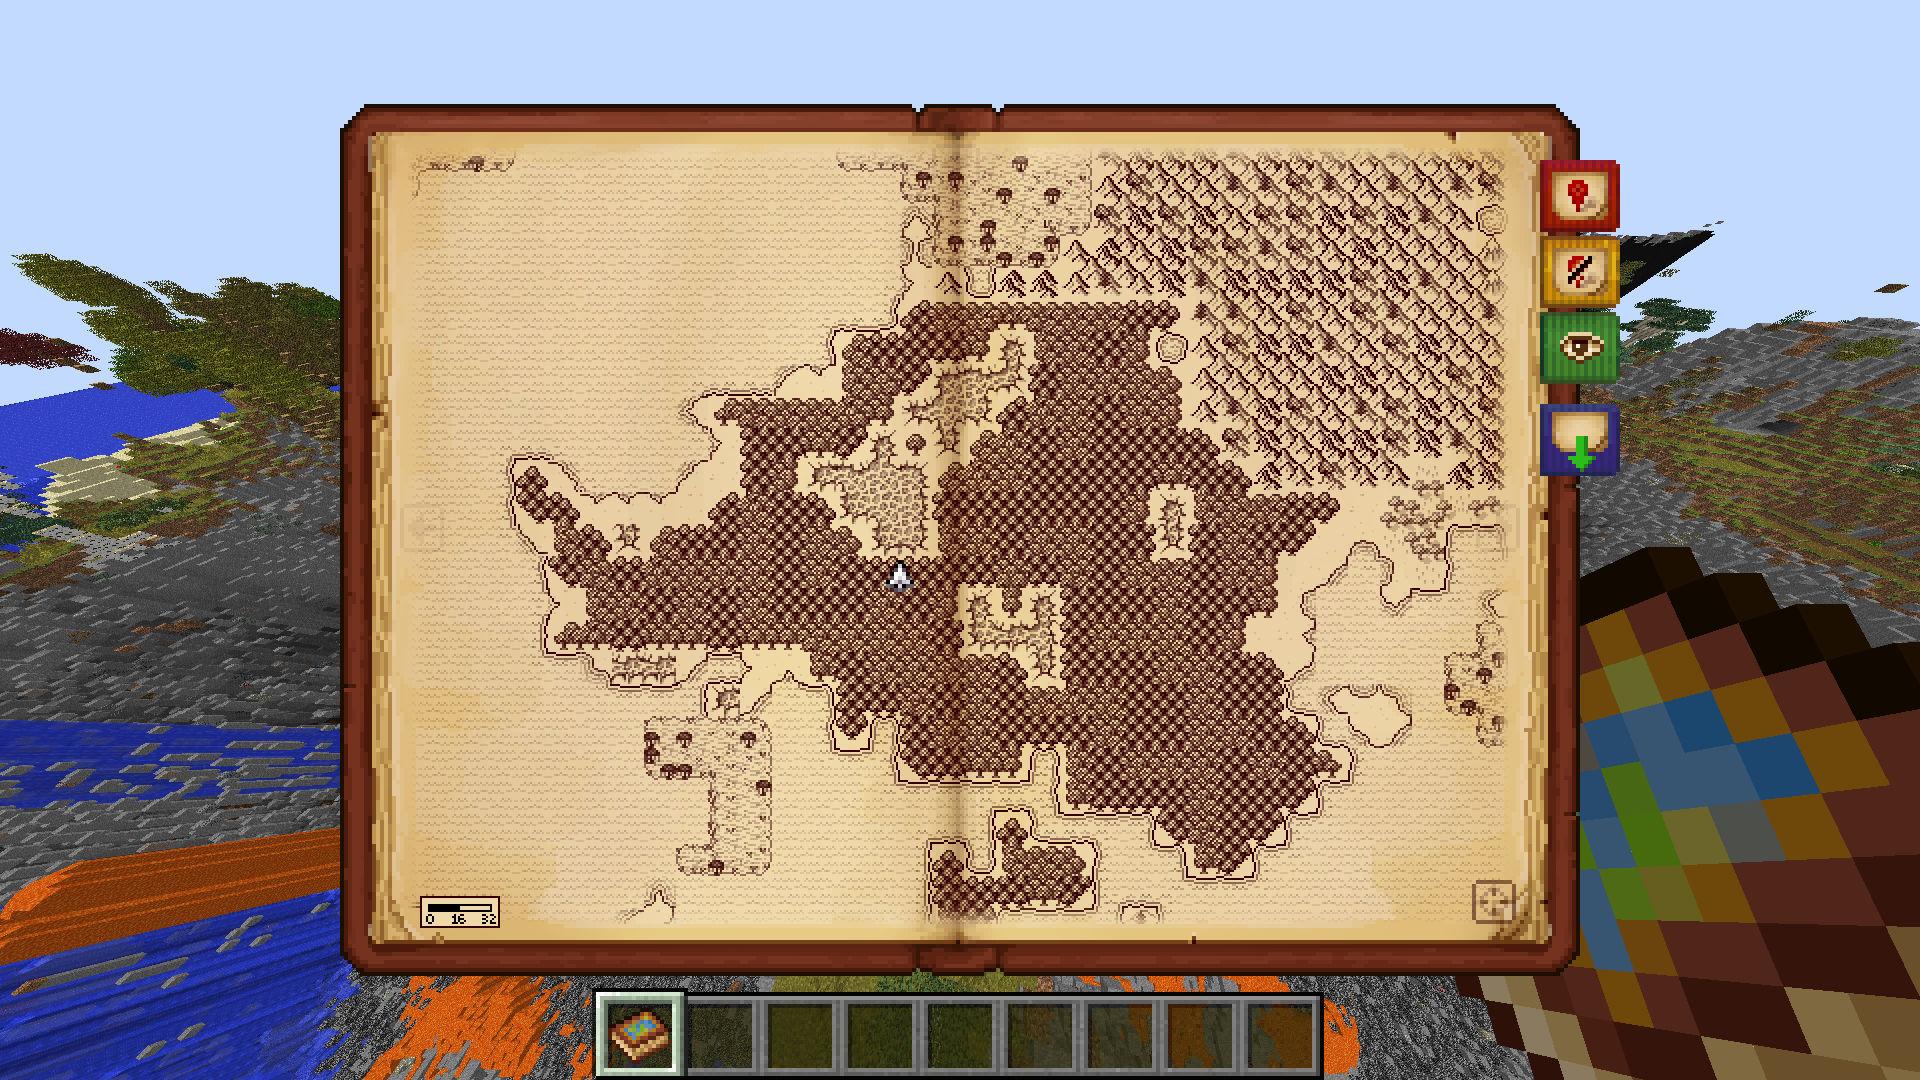 Minecraft Karte.Antique Atlas Mod 1 11 2 1 8 1 7 10 Minecraft Modinstaller